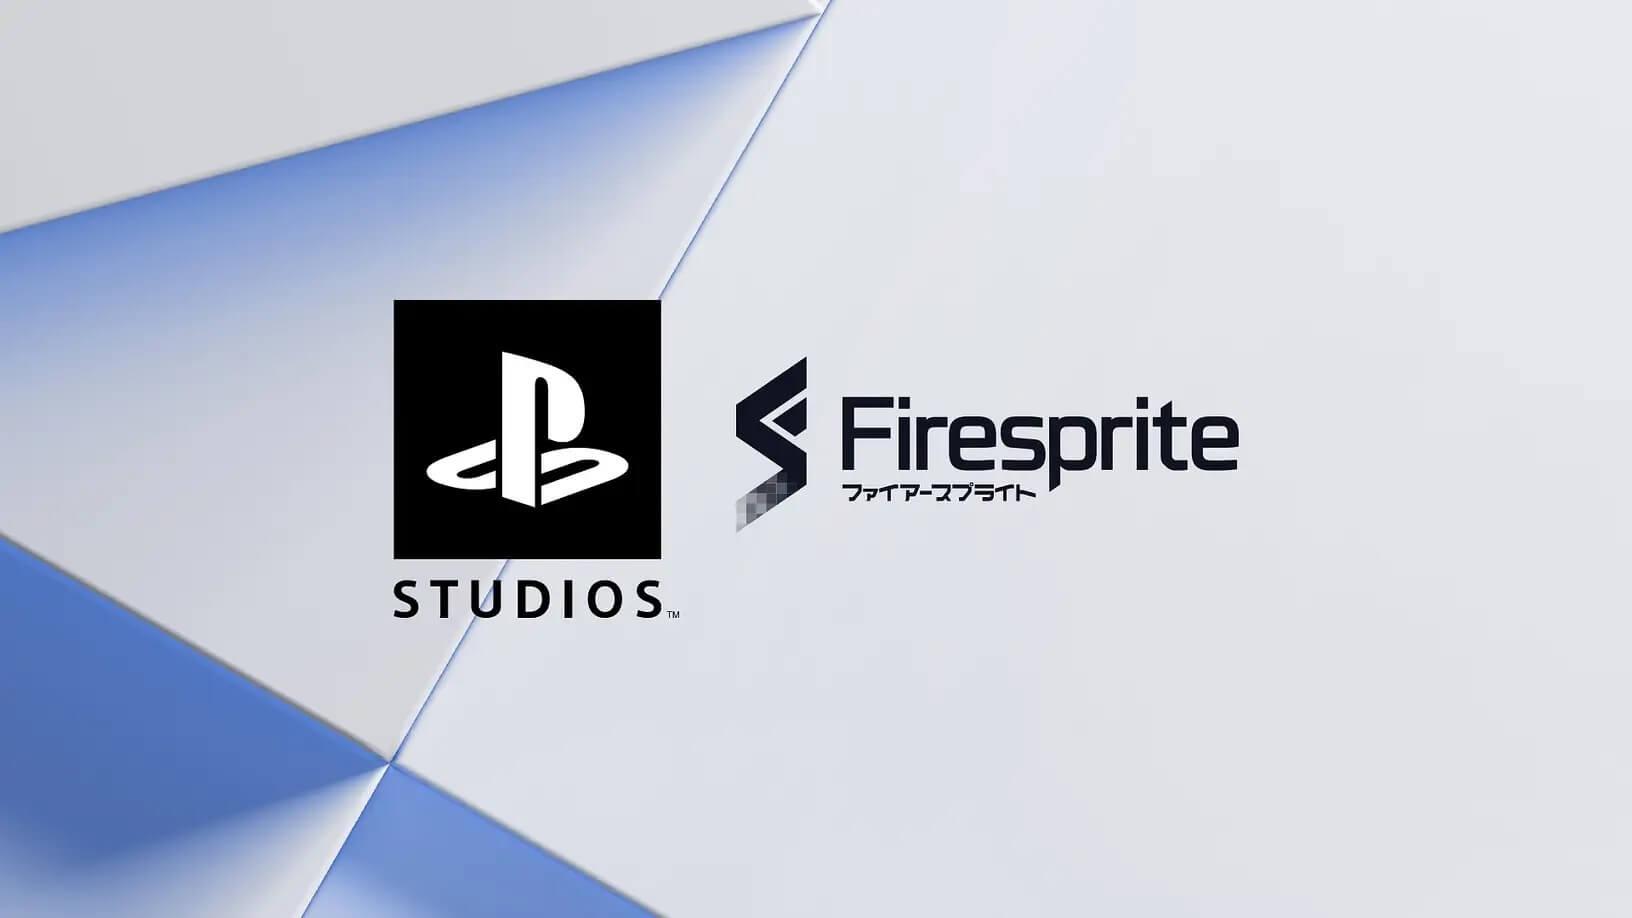 PlayStation Studios adquiere Firesprite, autores de The Playroom y The Persistence